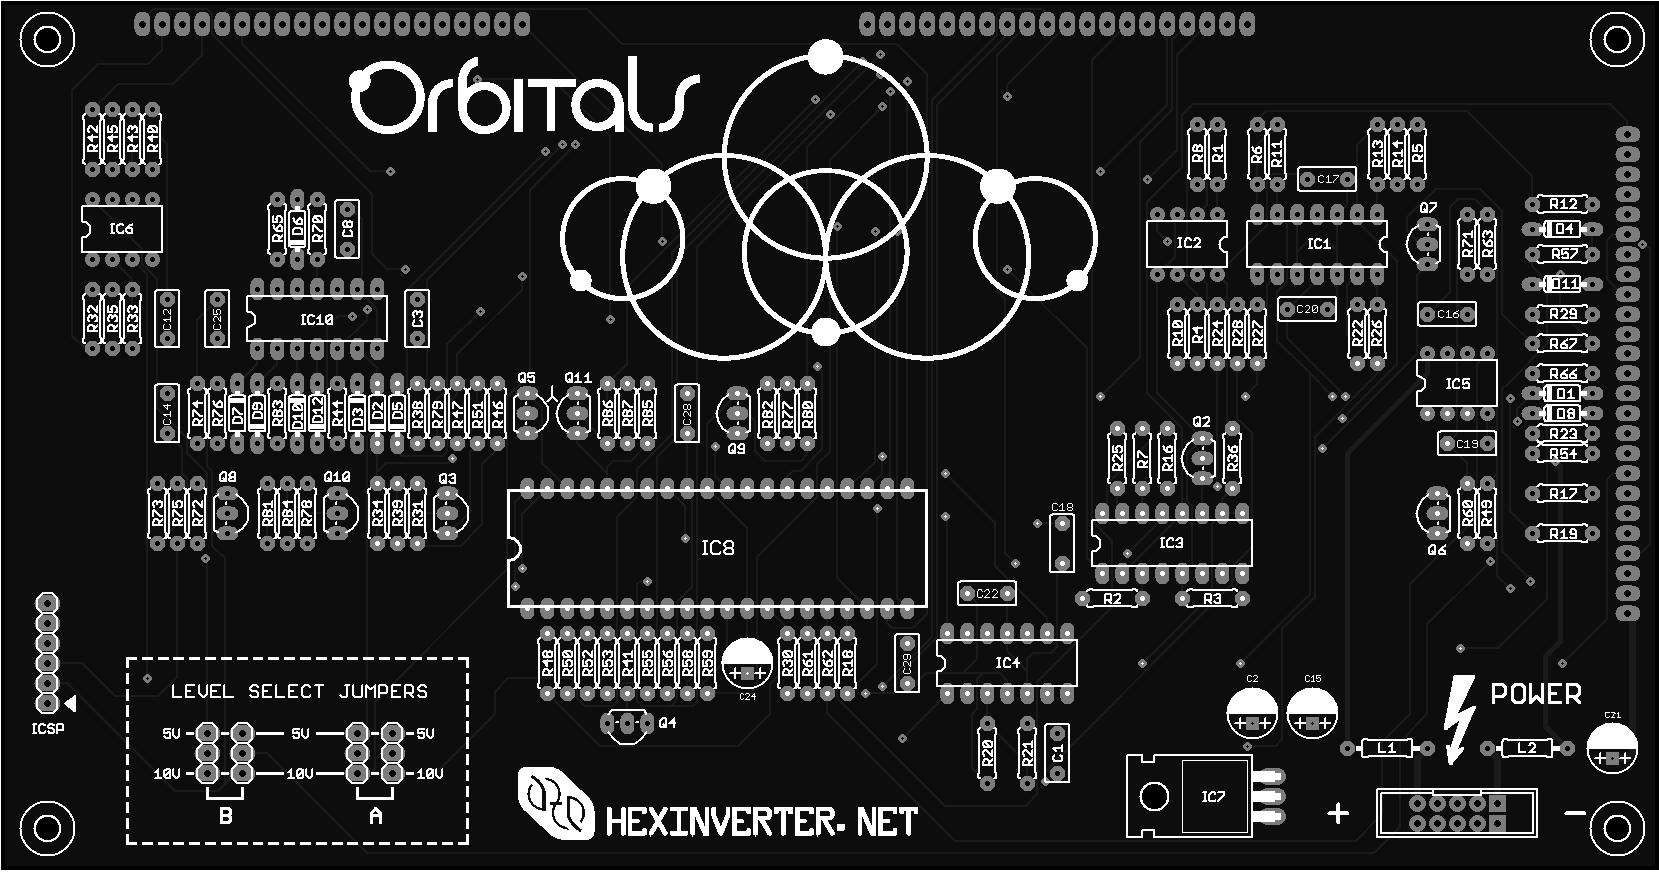 ORBITALS_PCBrender_LOGIC.png